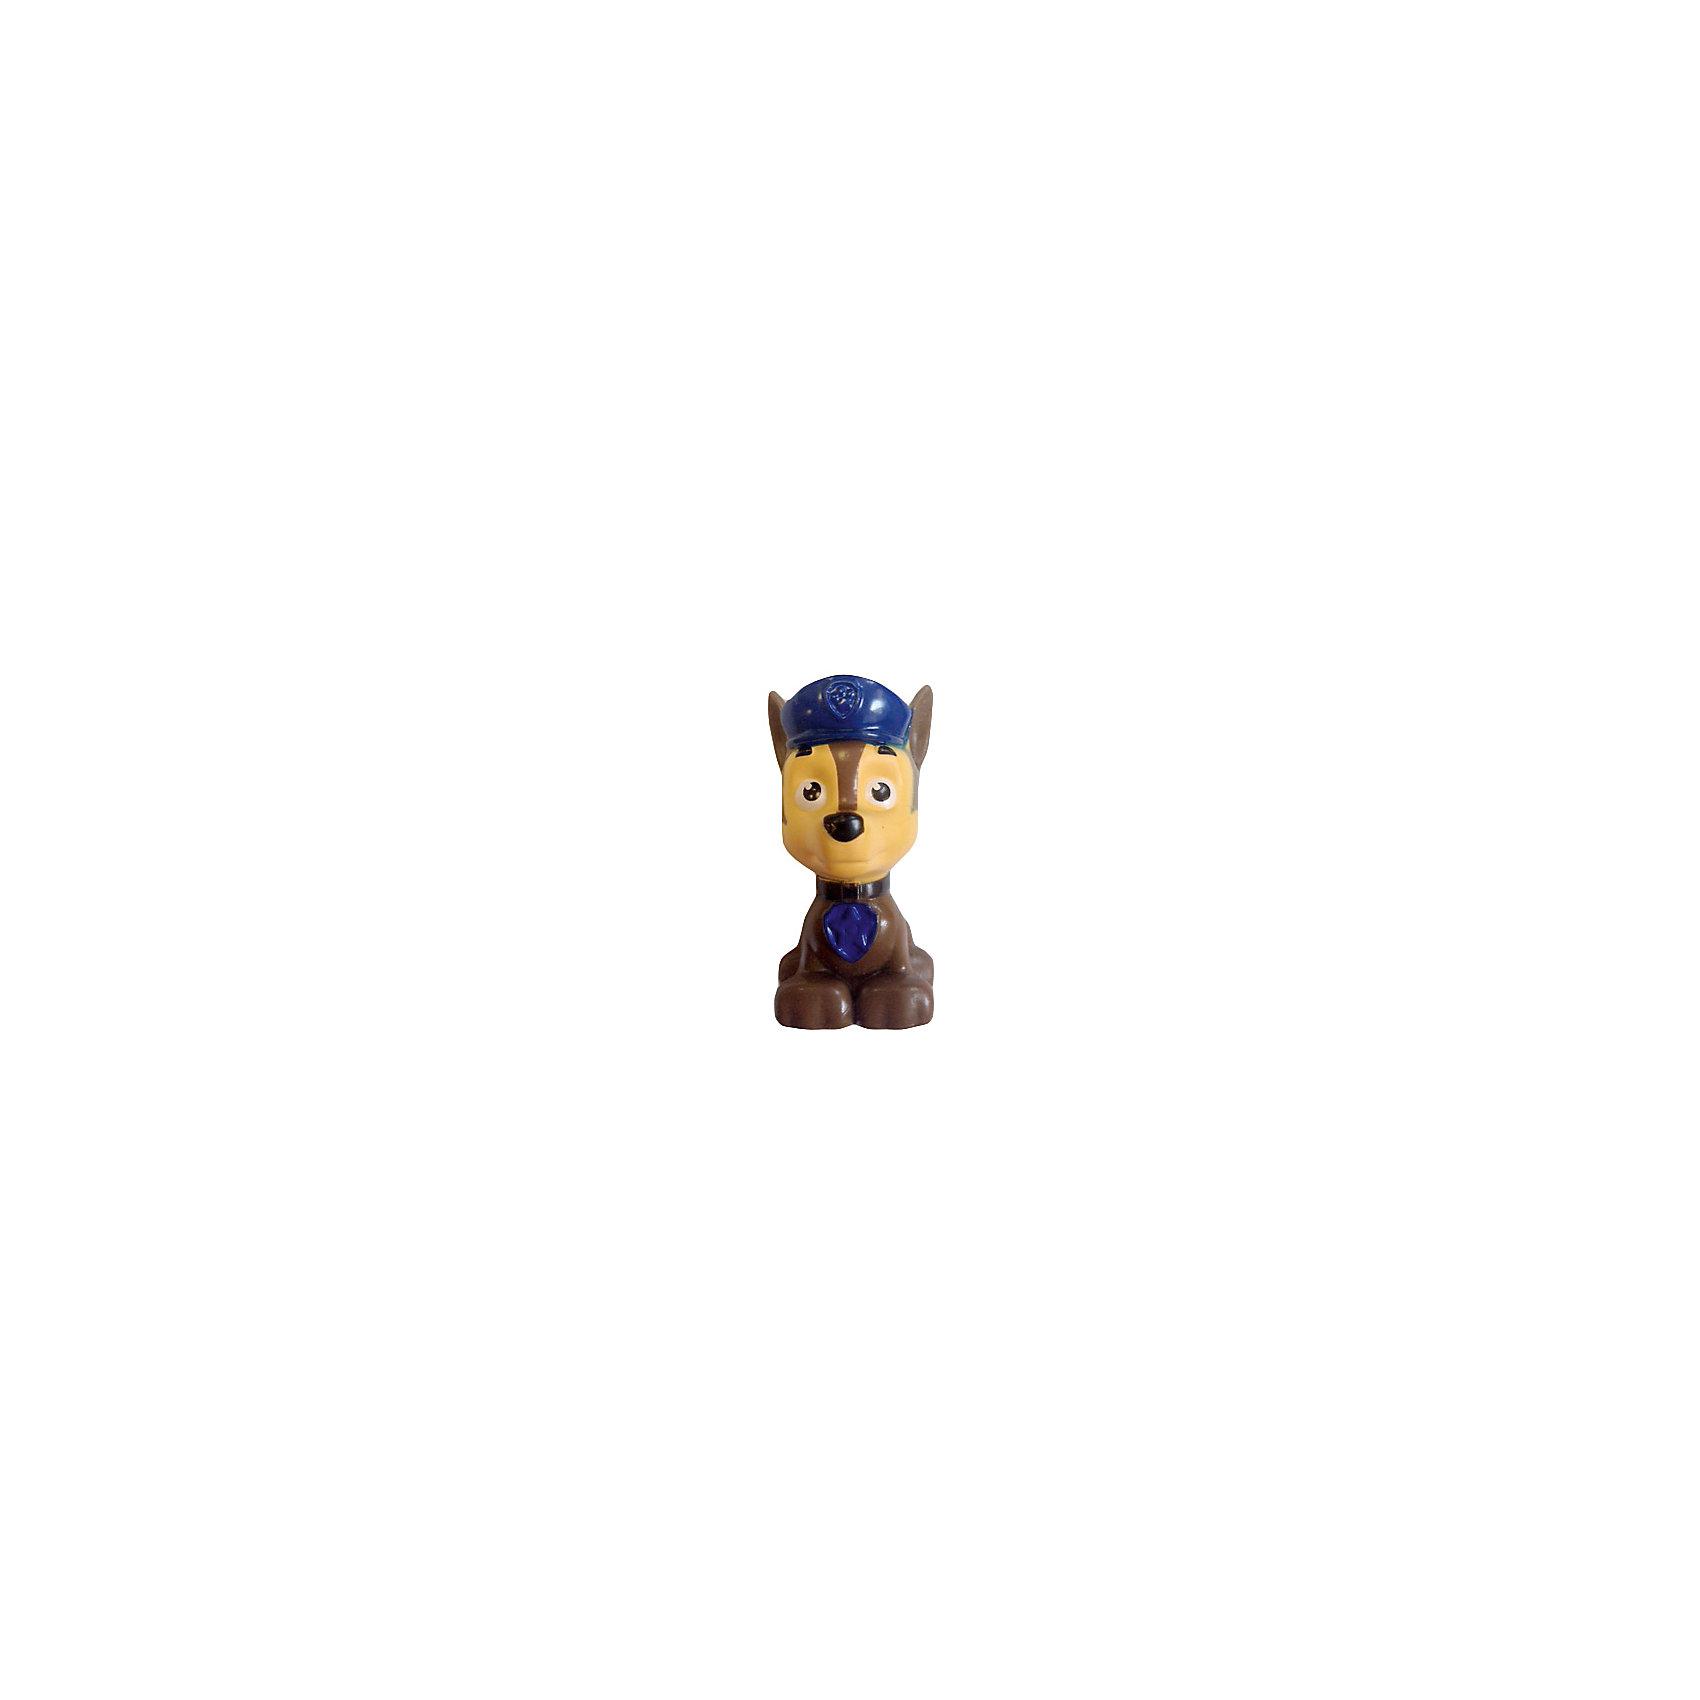 Минифигурка Гонщик, Щенячий патруль, Spin MasterИгрушки<br>Минифигурка Гонщика станет приятным сюрпризом для Вашего ребенка, особенно если он является поклонником популярного мультсериала Щенячий патруль (PAW Patrol) о приключениях щенков-спасателей. Команда из шести забавных и храбрых щенят всегда готова прийти на помощь и выручить из беды. У каждого из щенков свой характер, особенности и таланты. Гонщик - щенок полицейский, его фигурка выполнена с высокой степенью детализации и полностью повторяет своего экранного персонажа. В серии минифигурок Spin Master представлены все основные персонажи мультфильма, попробуйте собрать свою коллекцию щенков-спасателей!<br><br>Дополнительная информация:<br><br>- Материал: пластик.<br>- Высота фигурки: 5 см.<br>- Размер упаковки: 14 х 9 х 2 см.<br>- Вес: 41 гр.<br><br>Минифигурку Гонщика, Щенячий патруль, Spin Master, можно купить в нашем интернет-магазине.<br><br>Ширина мм: 140<br>Глубина мм: 90<br>Высота мм: 20<br>Вес г: 100<br>Возраст от месяцев: 36<br>Возраст до месяцев: 84<br>Пол: Унисекс<br>Возраст: Детский<br>SKU: 4203978